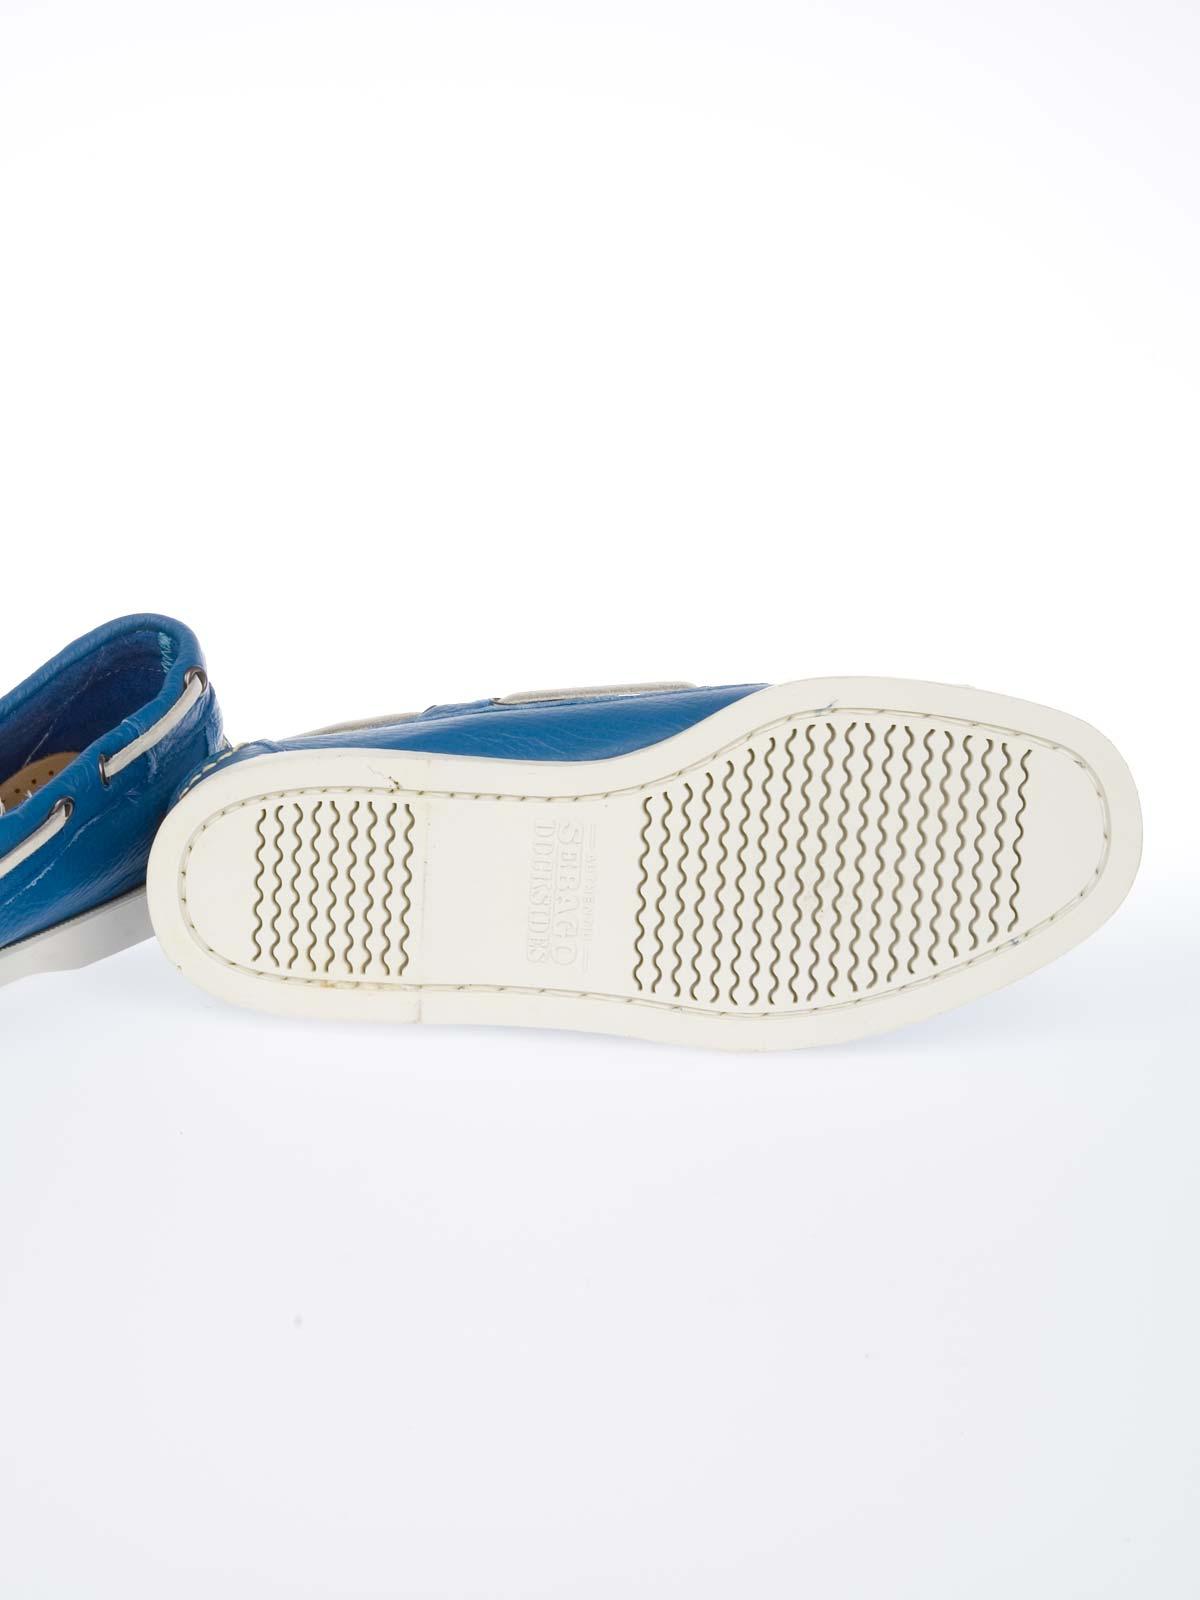 Picture of SEBAGO | Docksides Boat Shoe